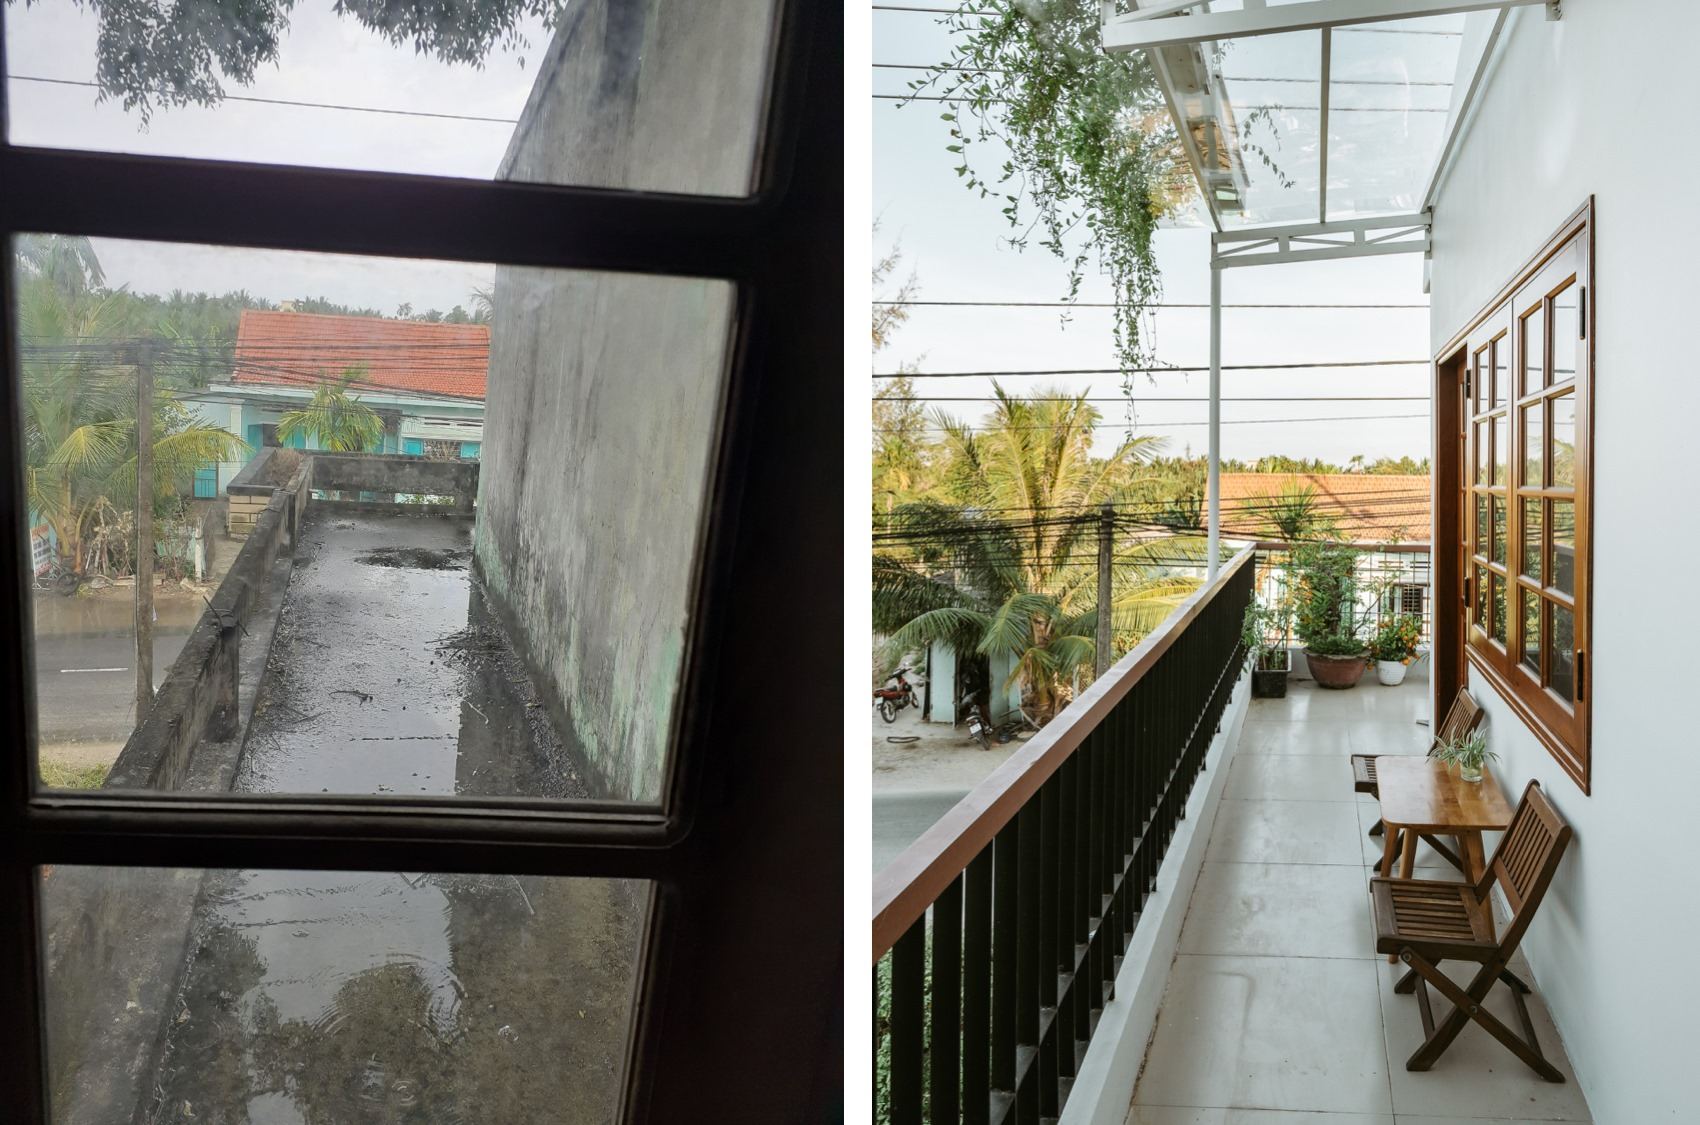 Cô gái quyết định rời Sài Gòn về Hội An cải tạo nhà ở 20 năm đã xuống cấp thành homestay 5 phòng đẹp lung linh, cho khách thuê chỉ 420-520 ngàn đồng/ phòng - Ảnh 10.